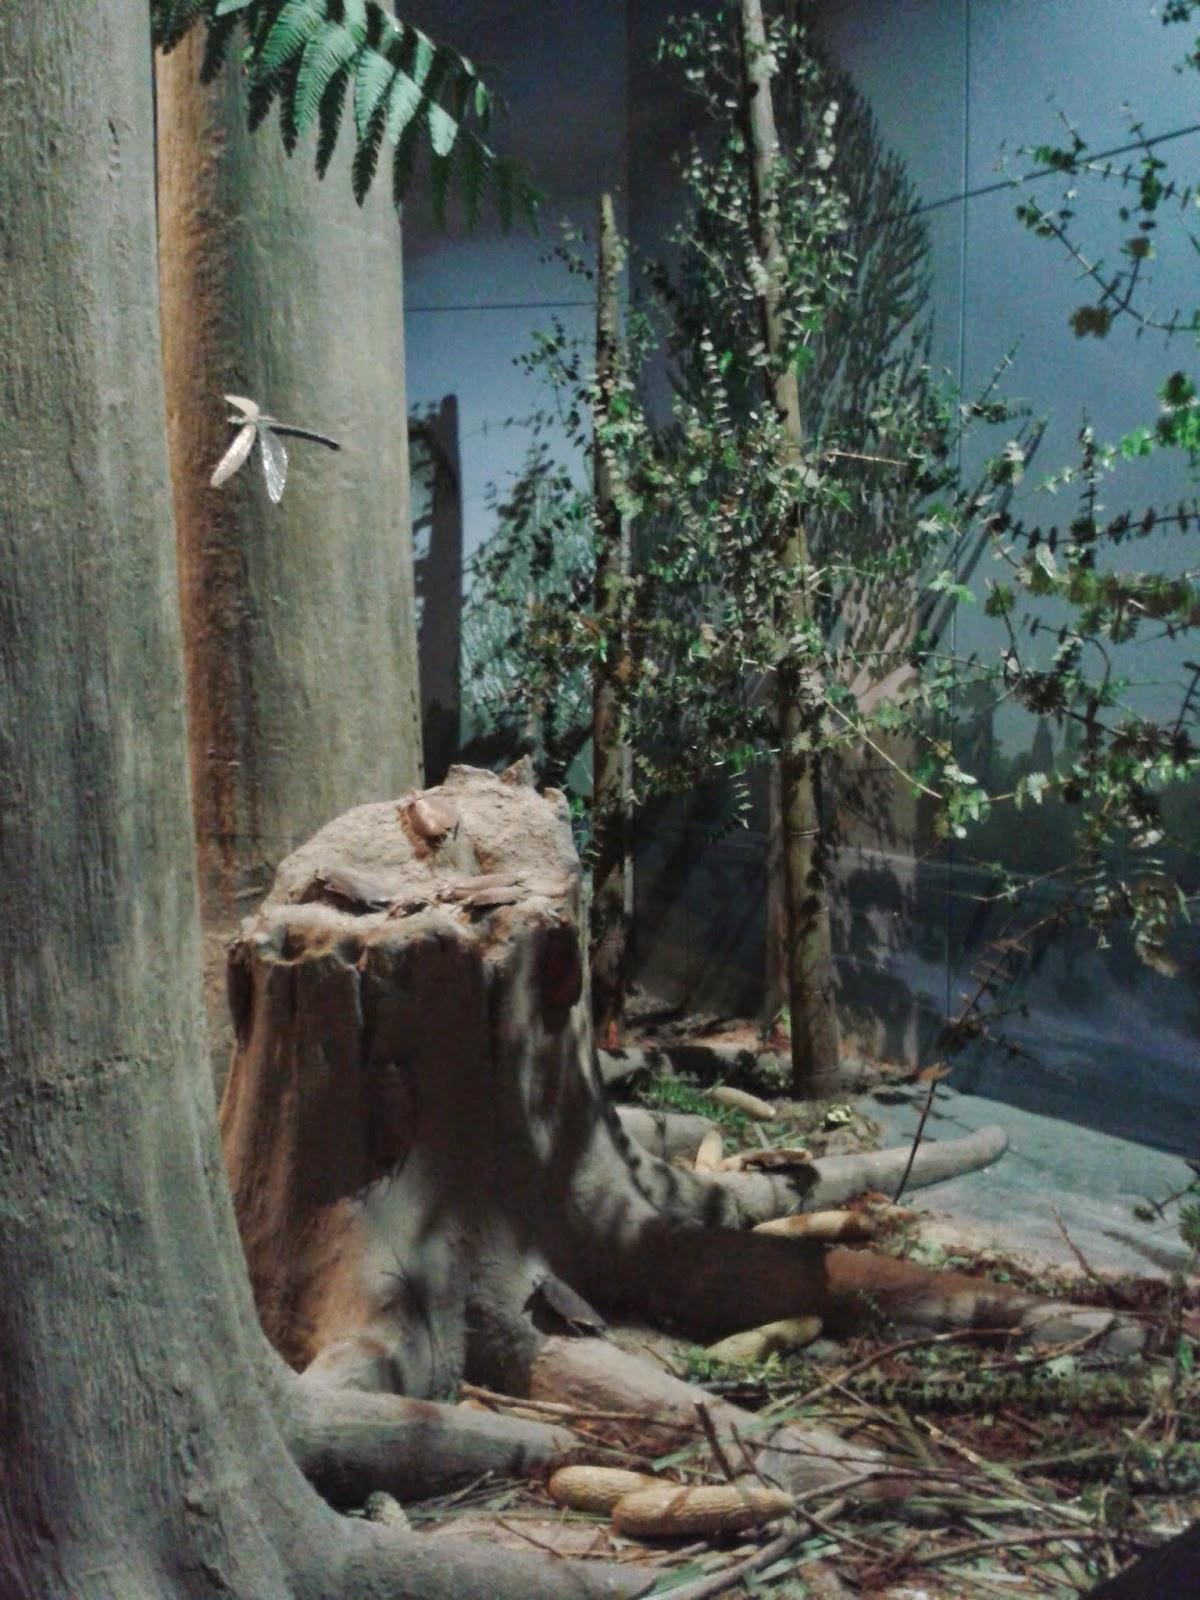 A prehistoric scene